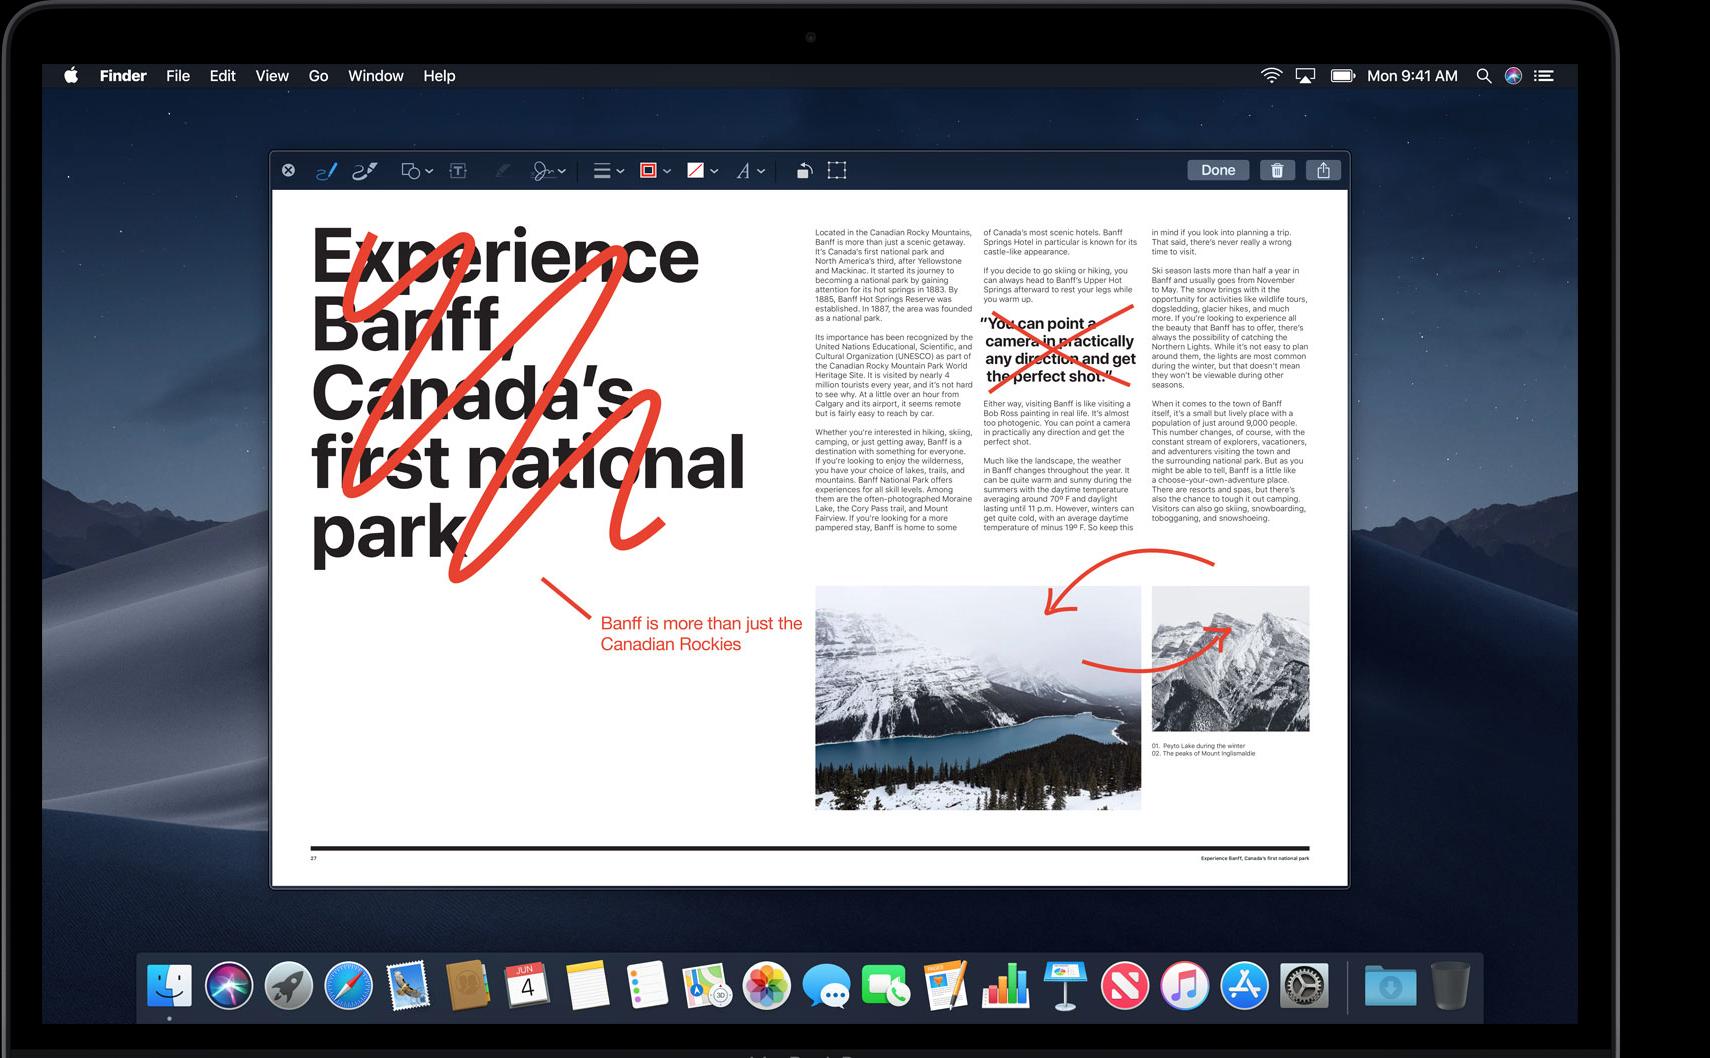 可以在Finder中快速编辑图片、视频等等,不需要打开特定软件